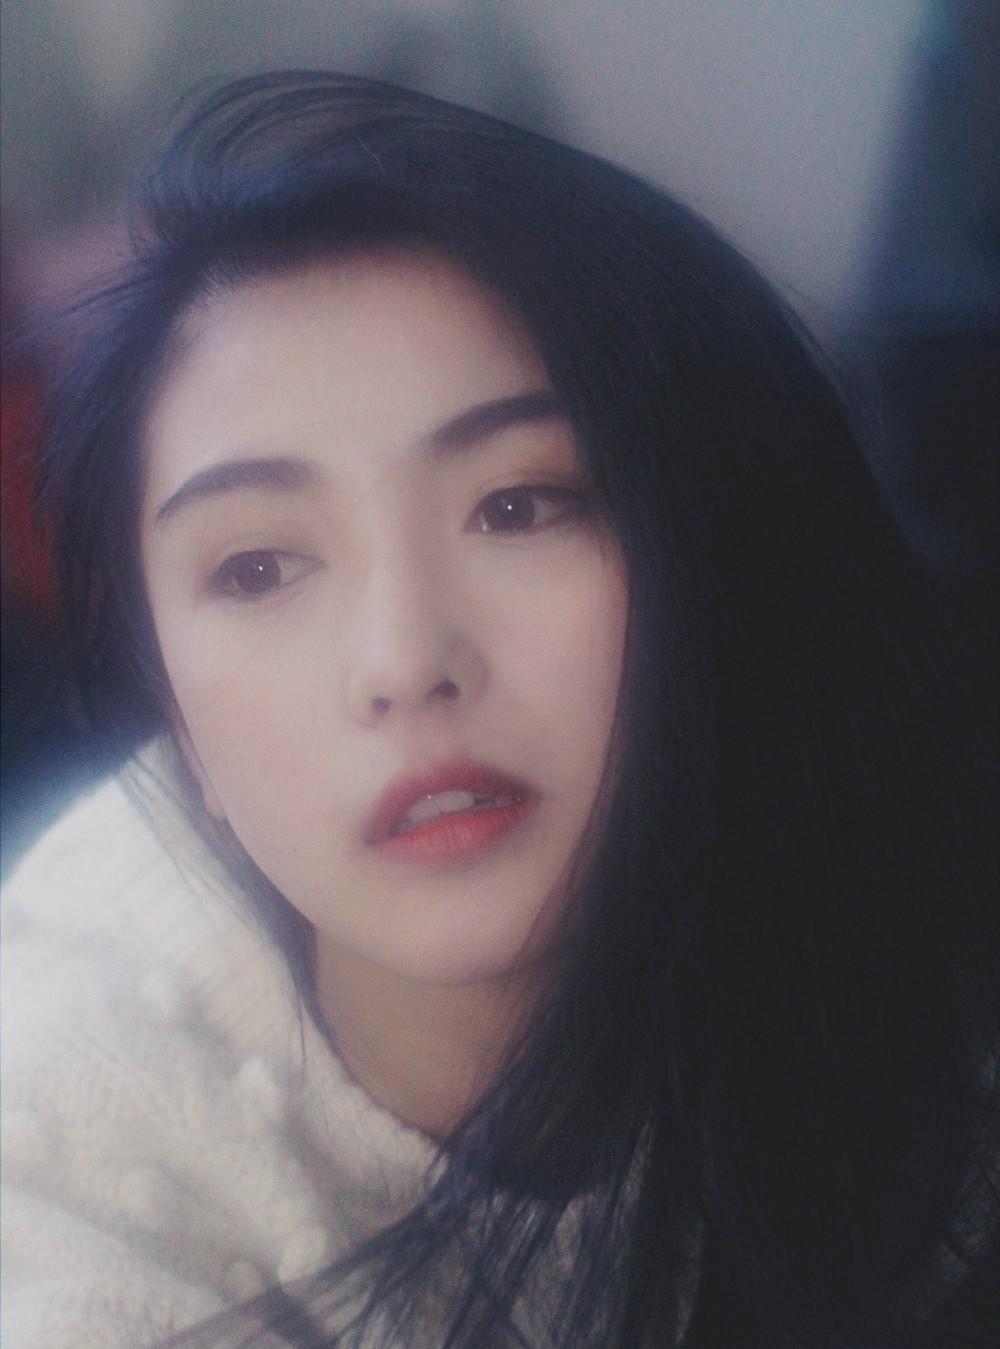 """Chuẩn đẹp mới của phụ nữ Trung Quốc khiến dân mạng """"phát cuồng"""", khen nức nở - ảnh 12"""